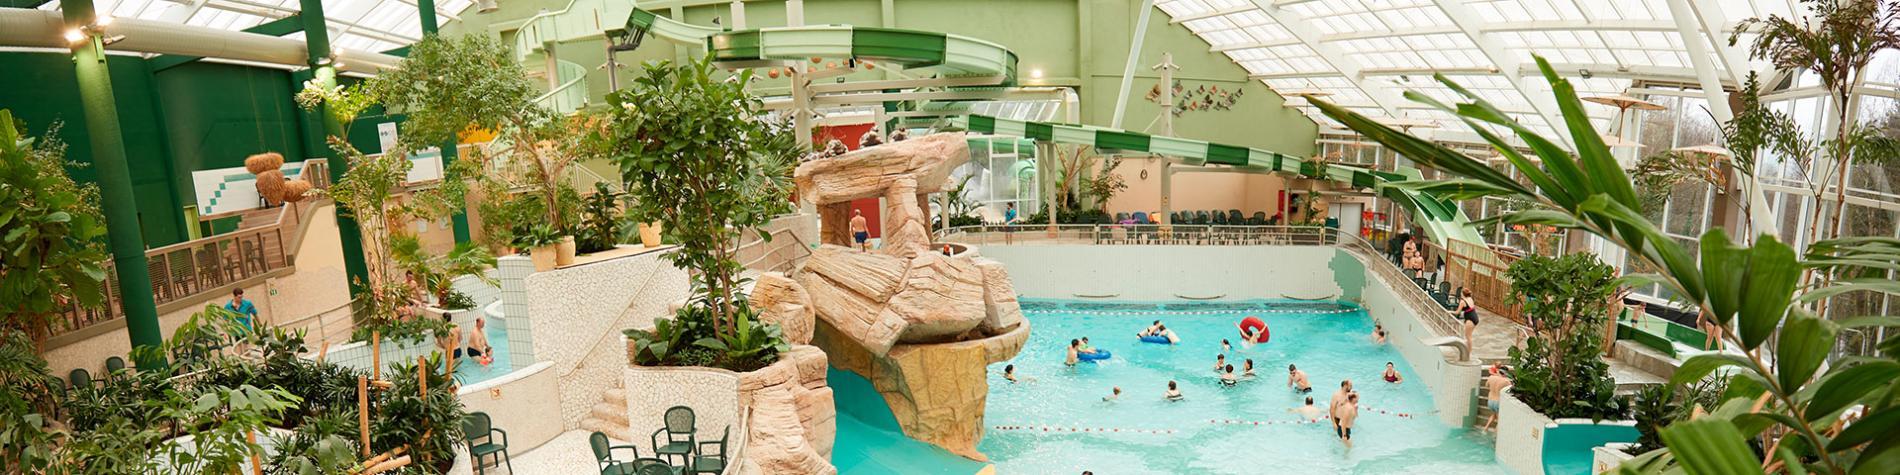 Aqua Mundo - Center Parcs - Les Ardennes - parc aquatique - Vielsalm